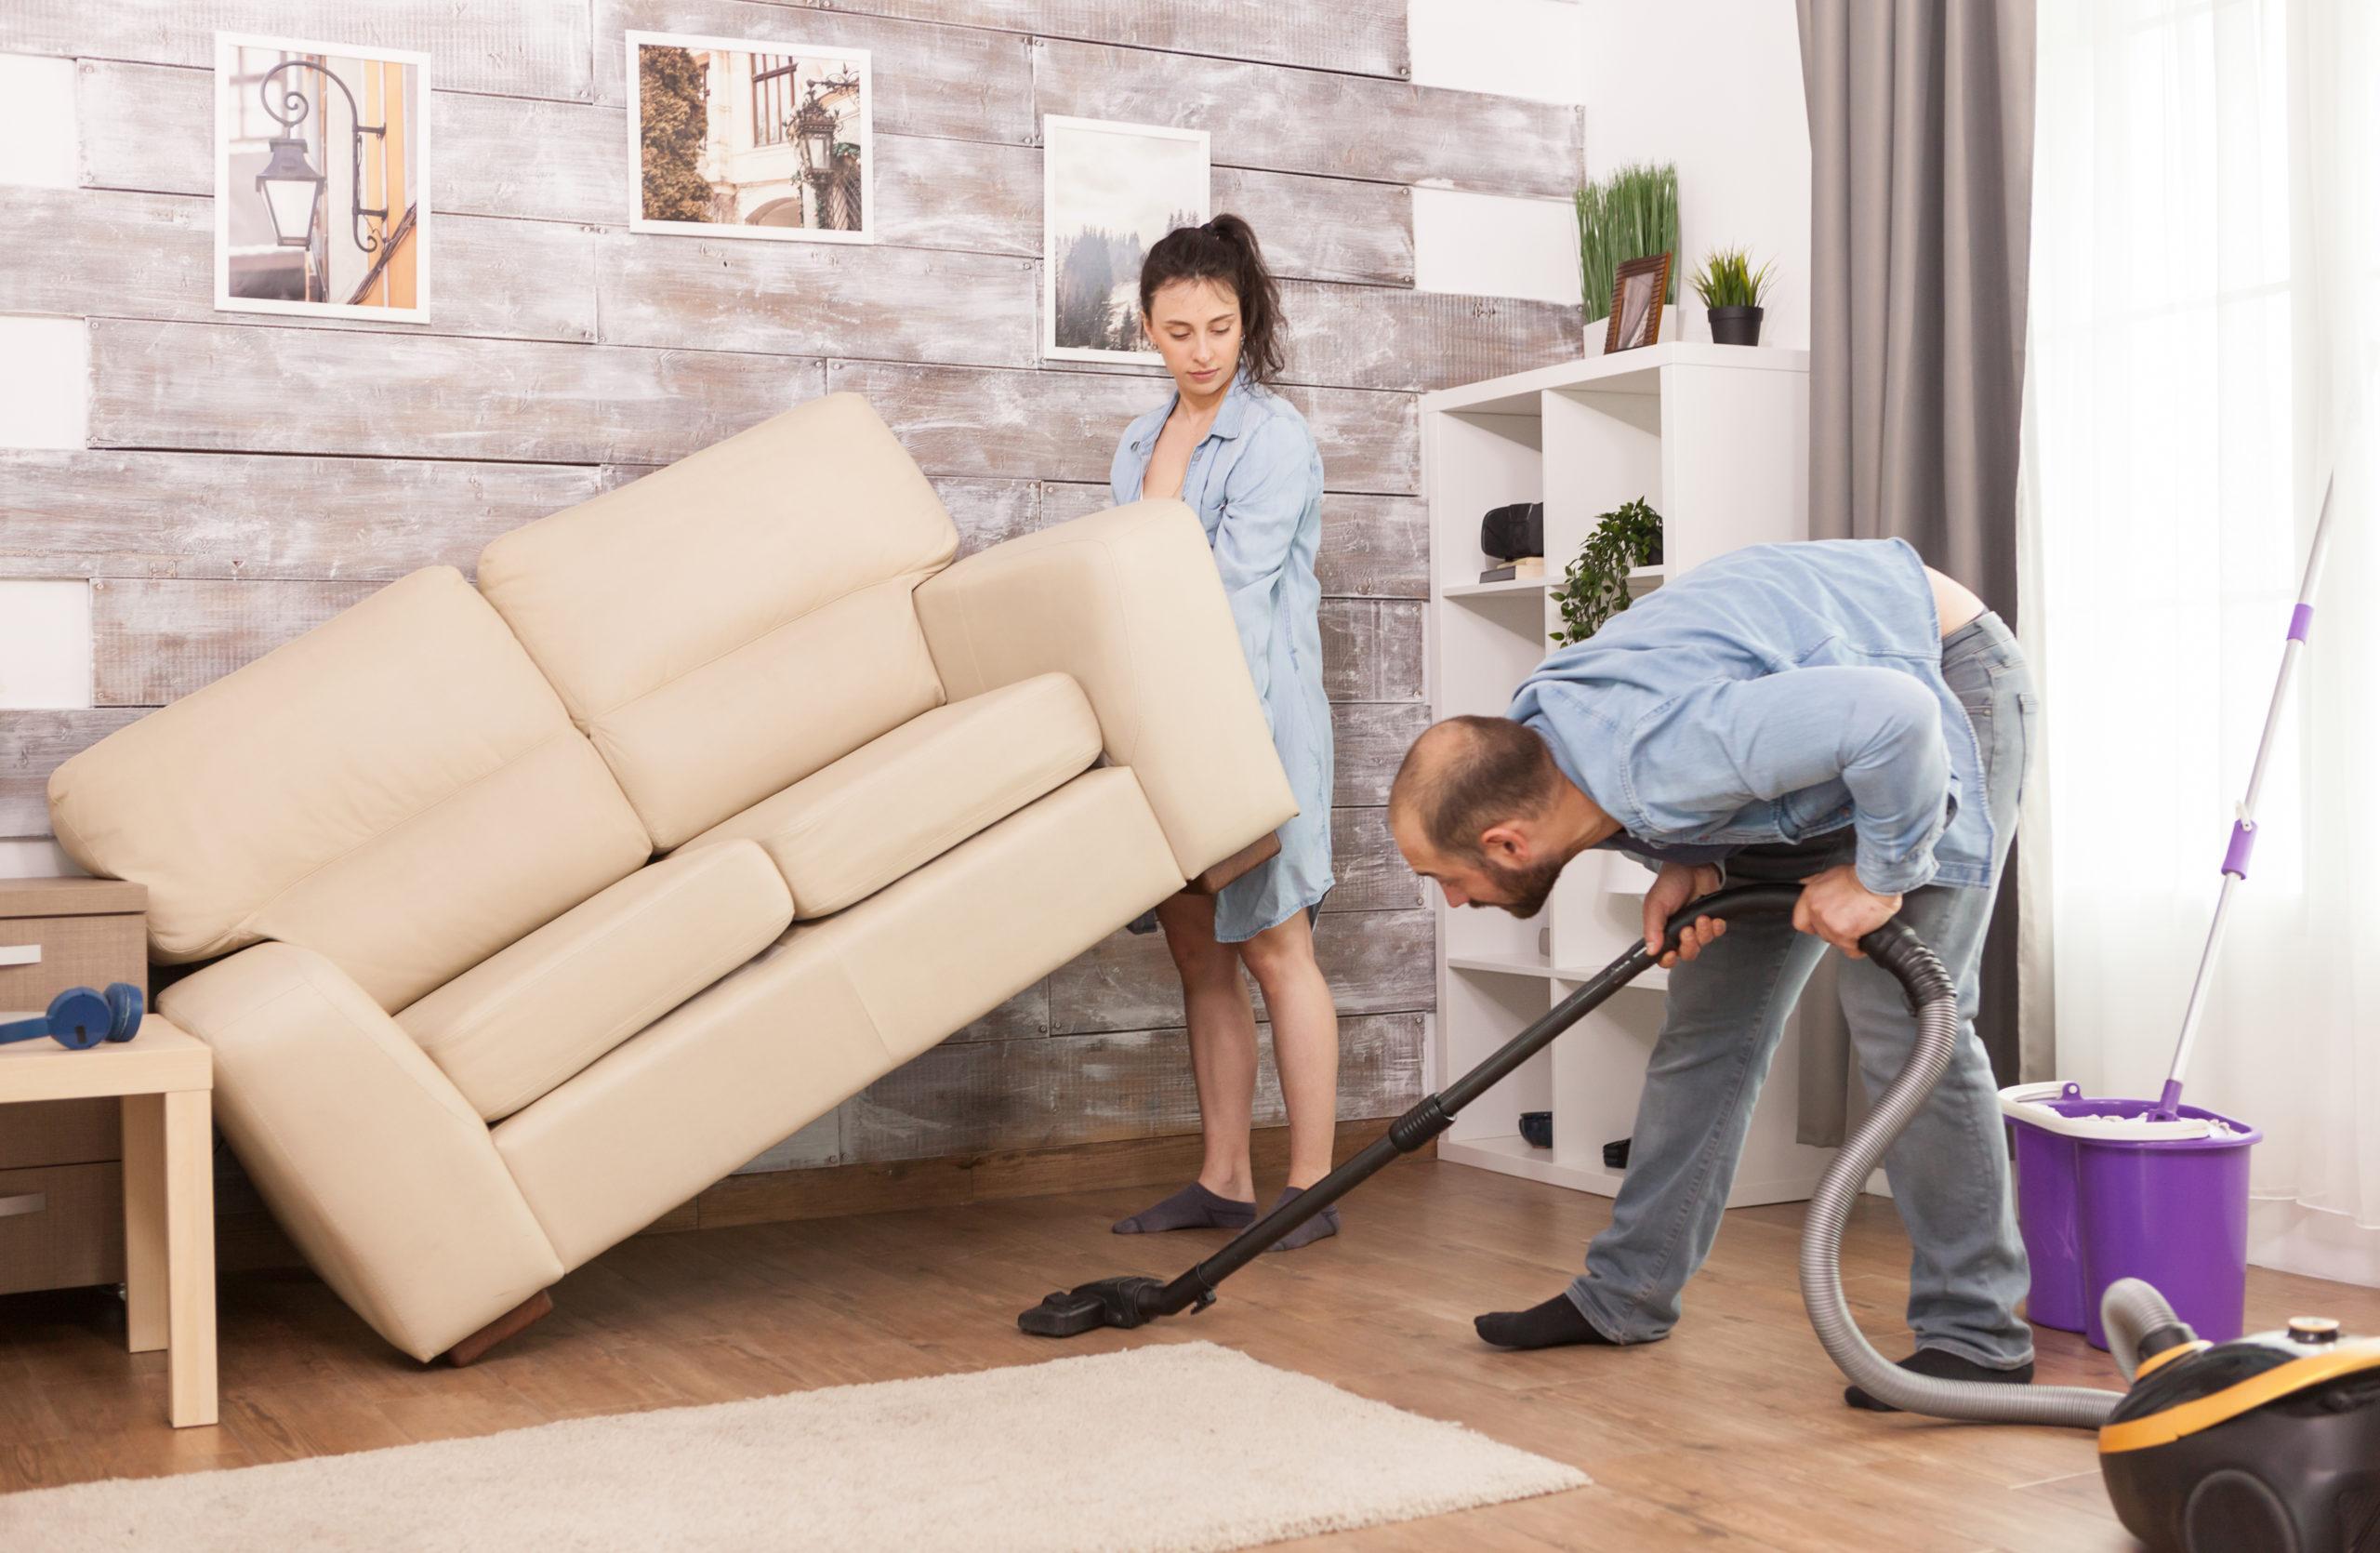 Jak pozbyć się bałaganu? Rzeczy, których powinieneś pozbyć się z domu!